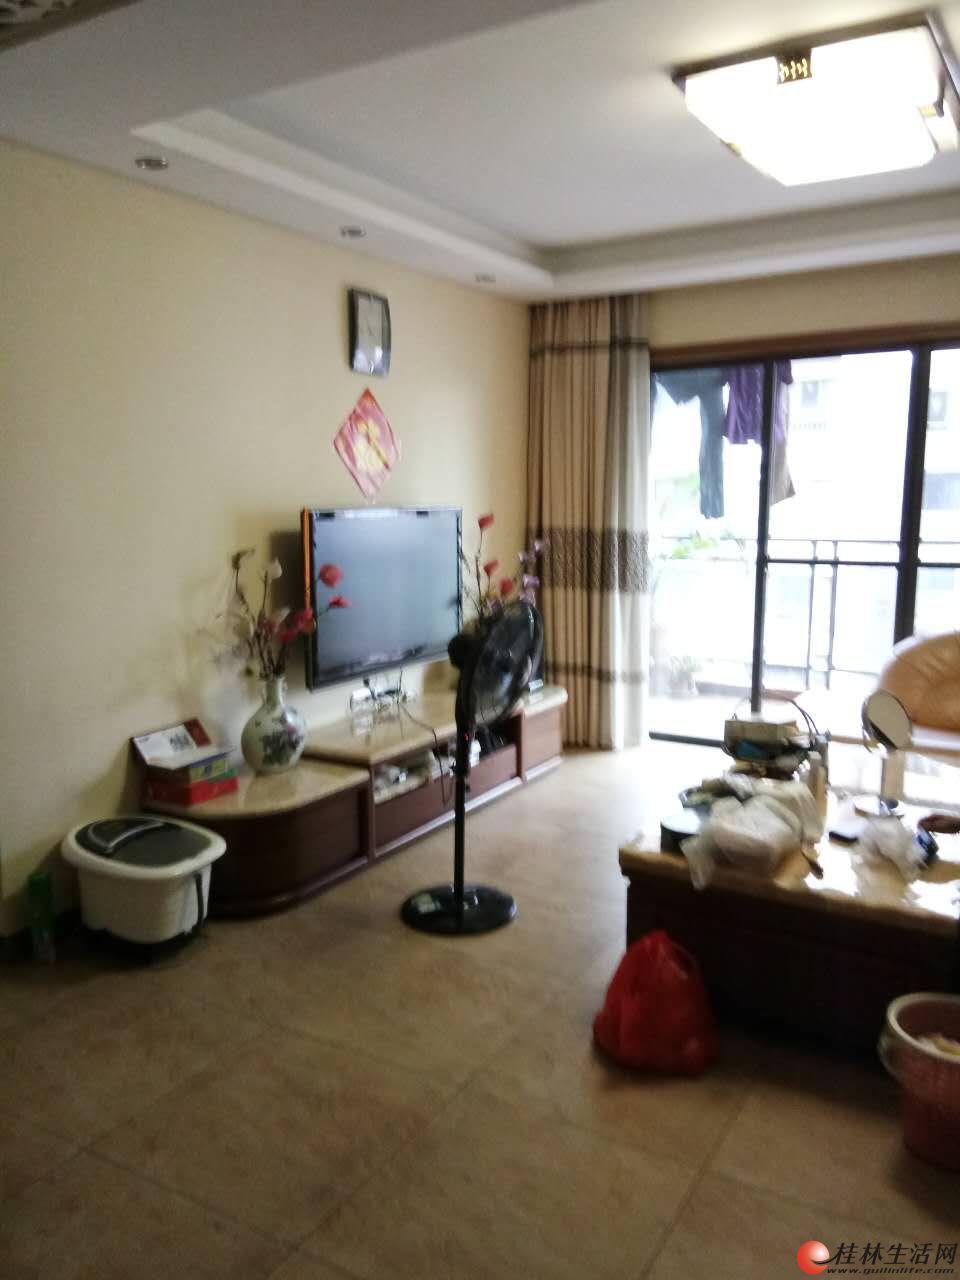 M 三里店大圆盘附近新天地 精装3室2厅2卫 122㎡ 电梯房 龙隐学区